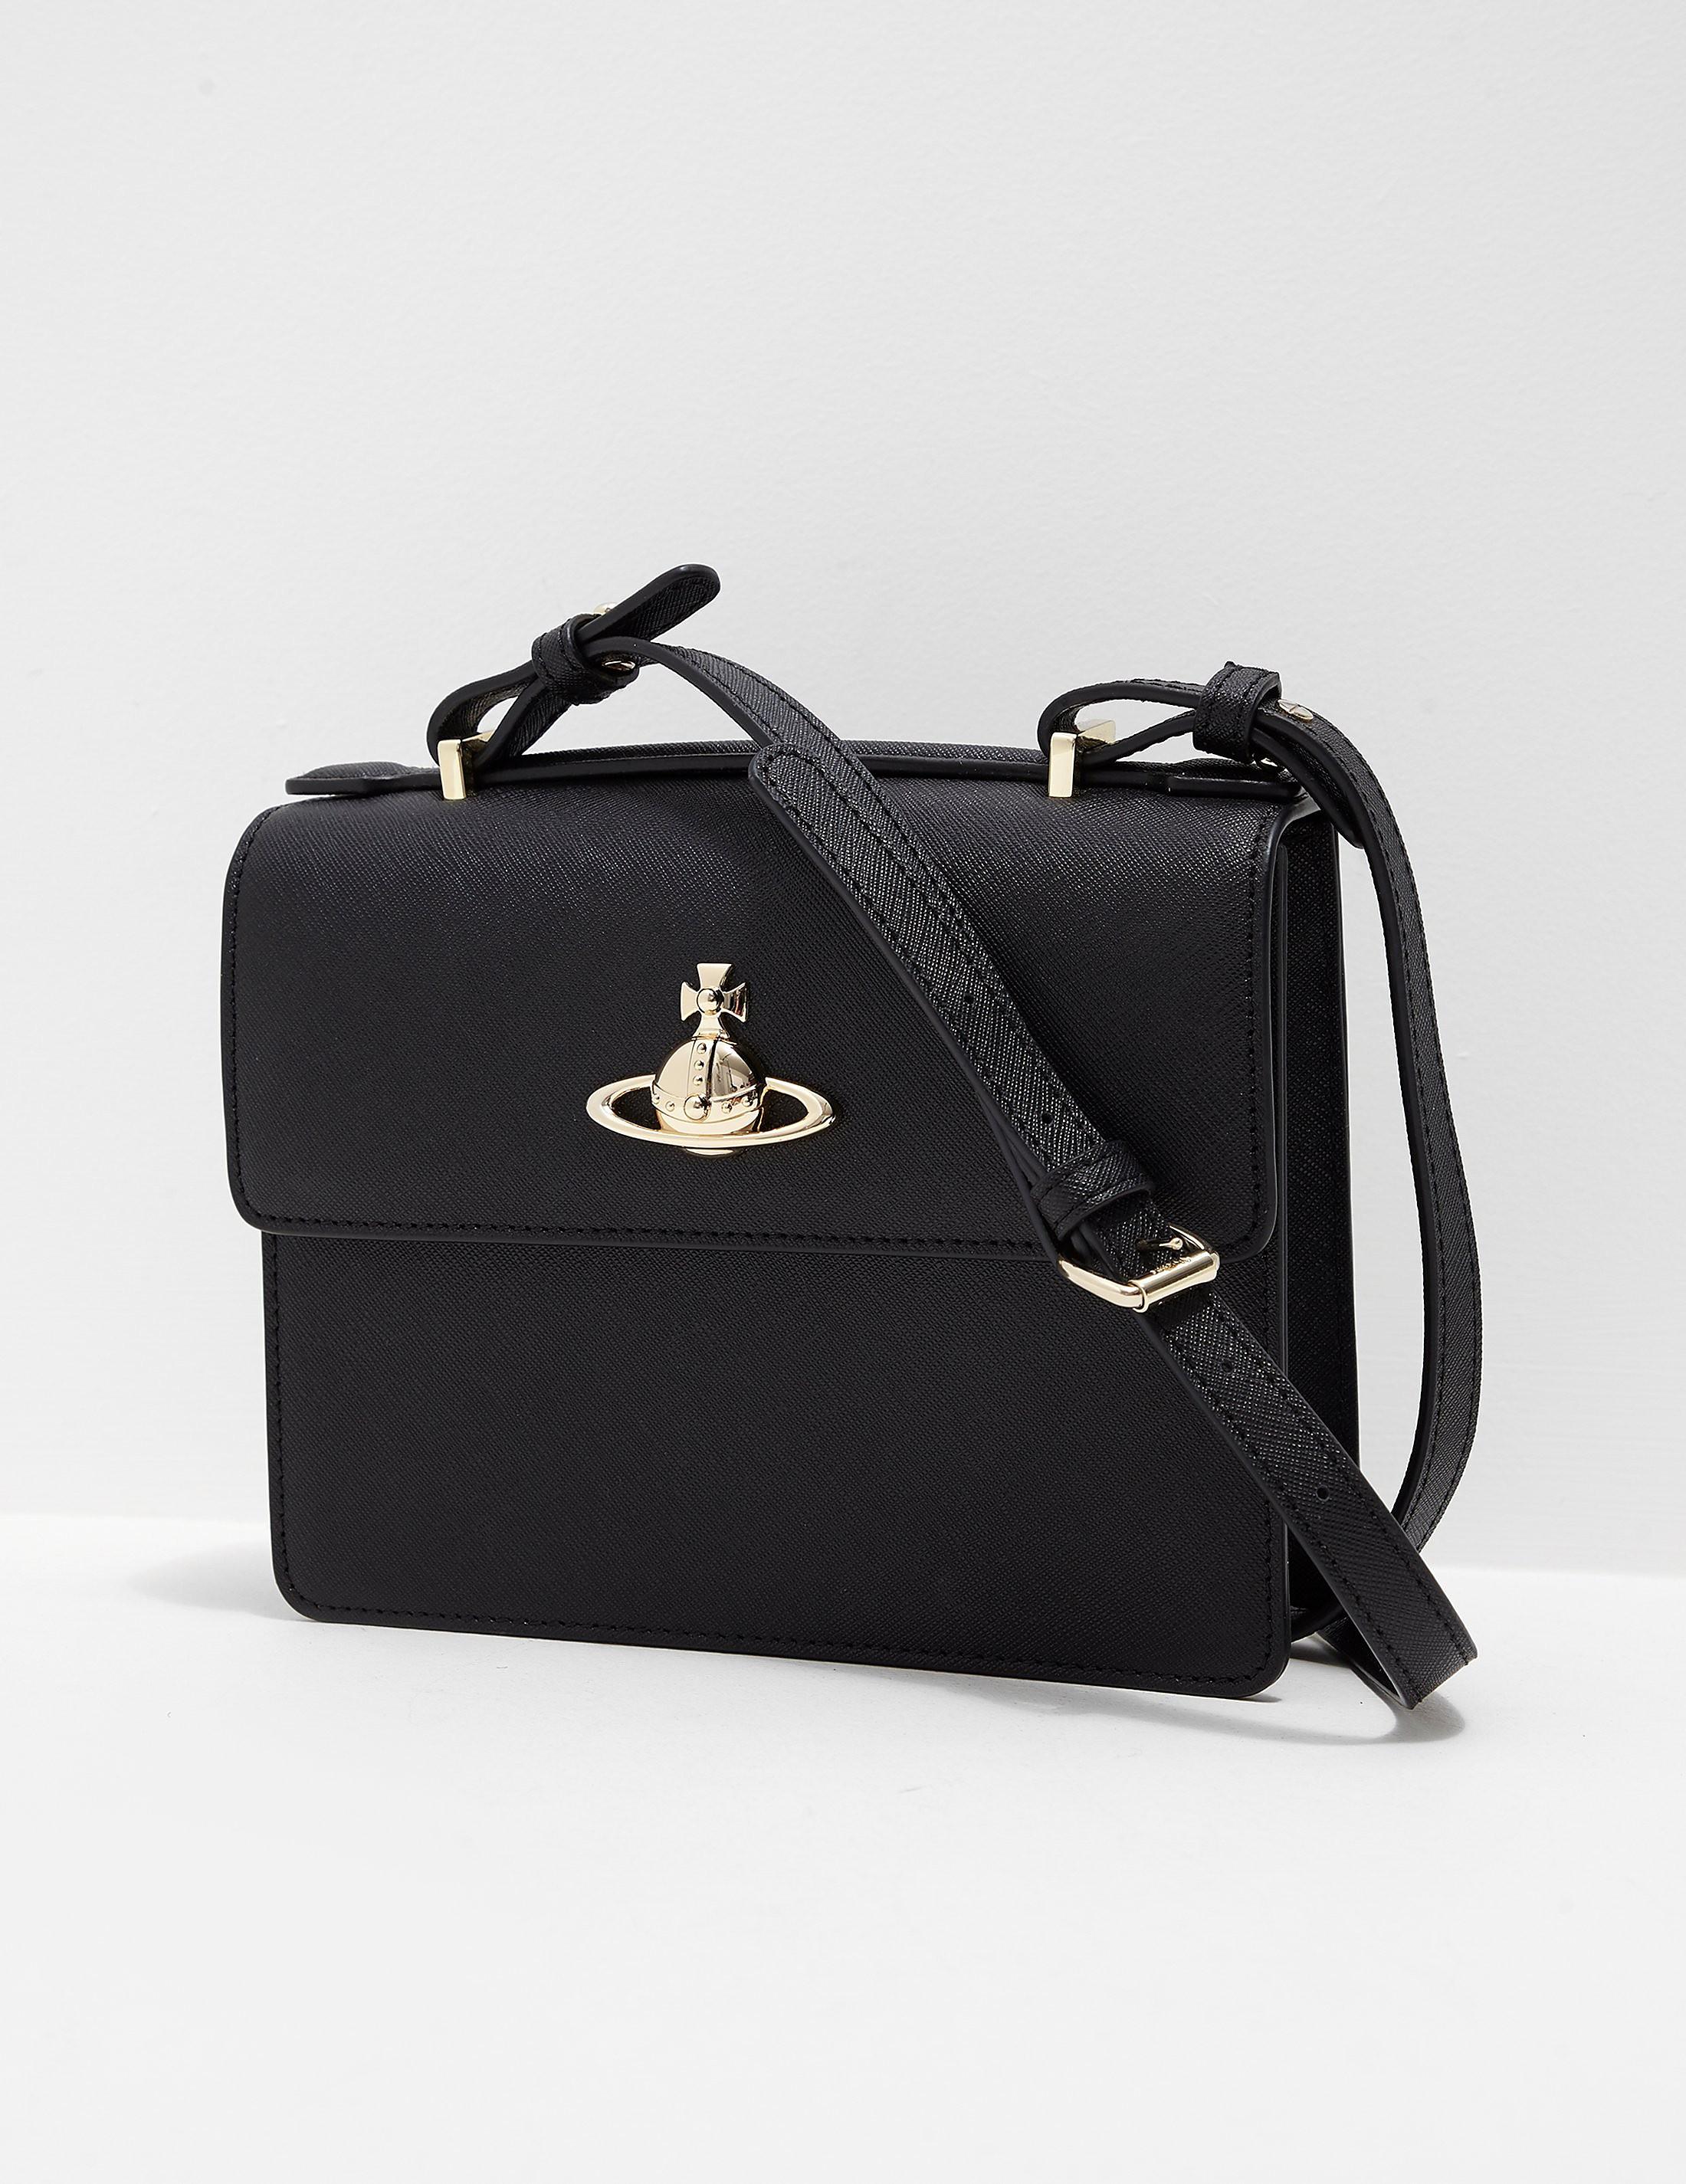 Vivienne Westwood Pimlico Shoulder Bag